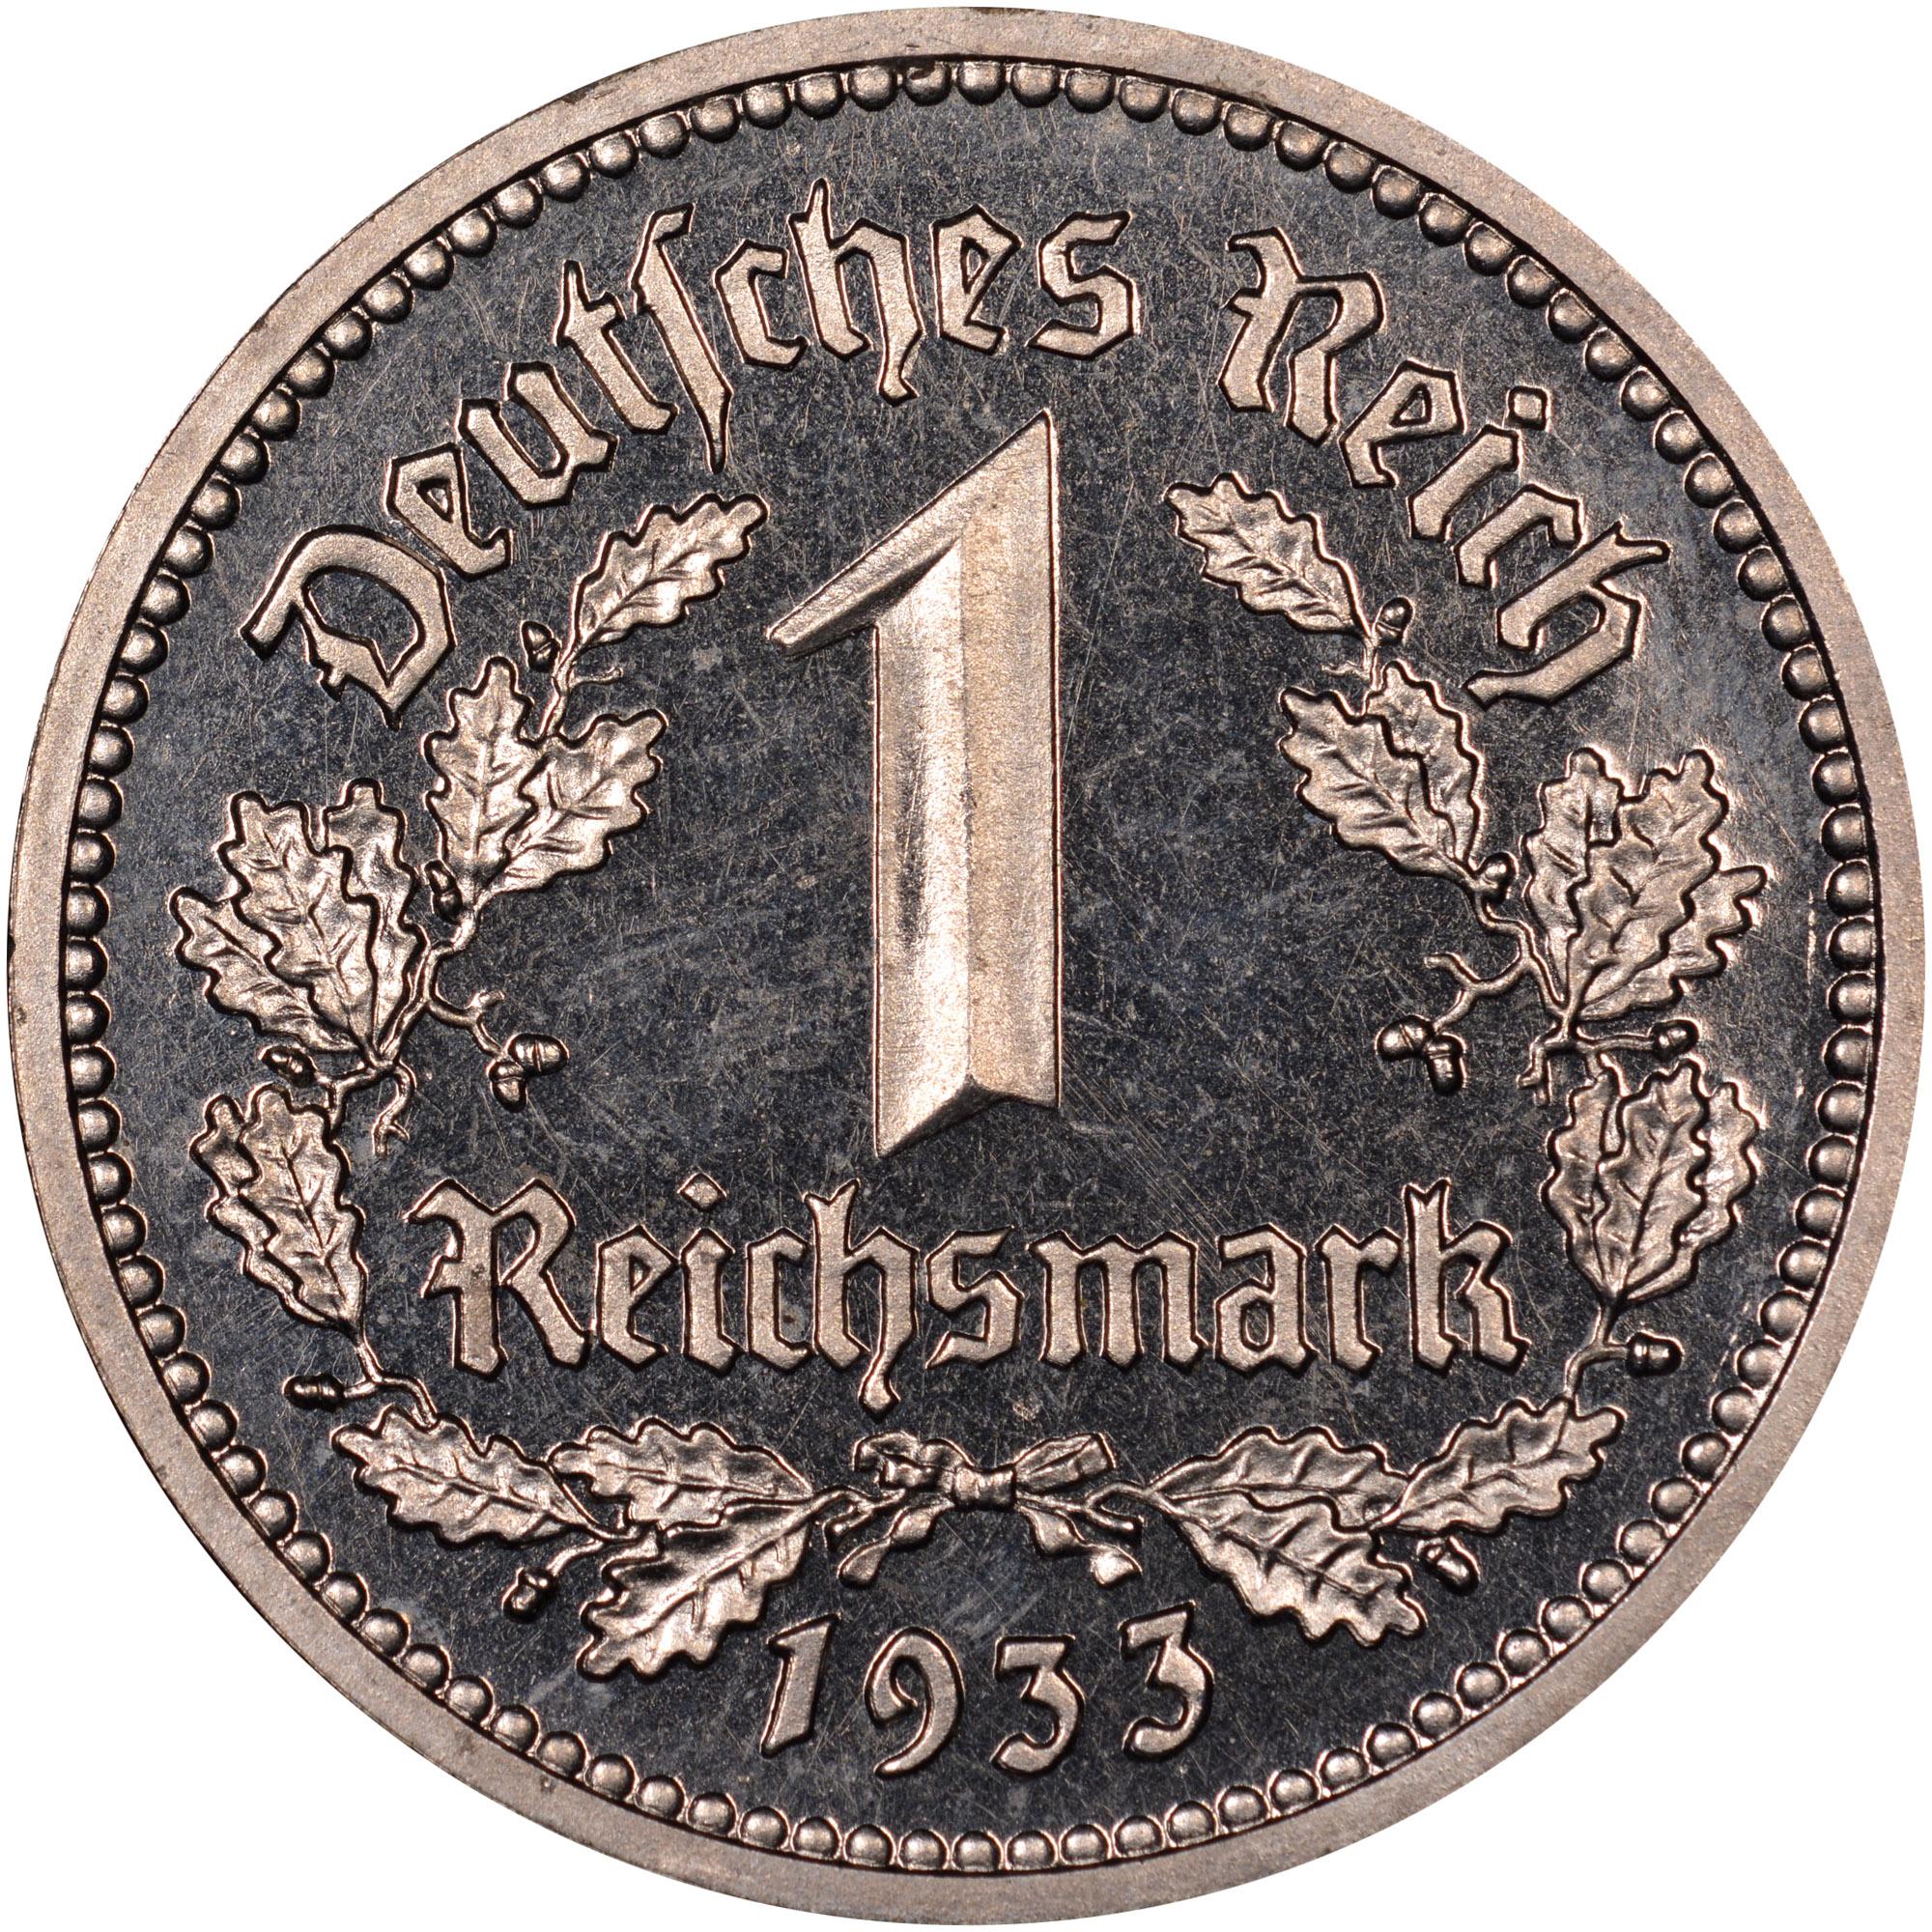 Germany - Third Reich Reichsmark obverse